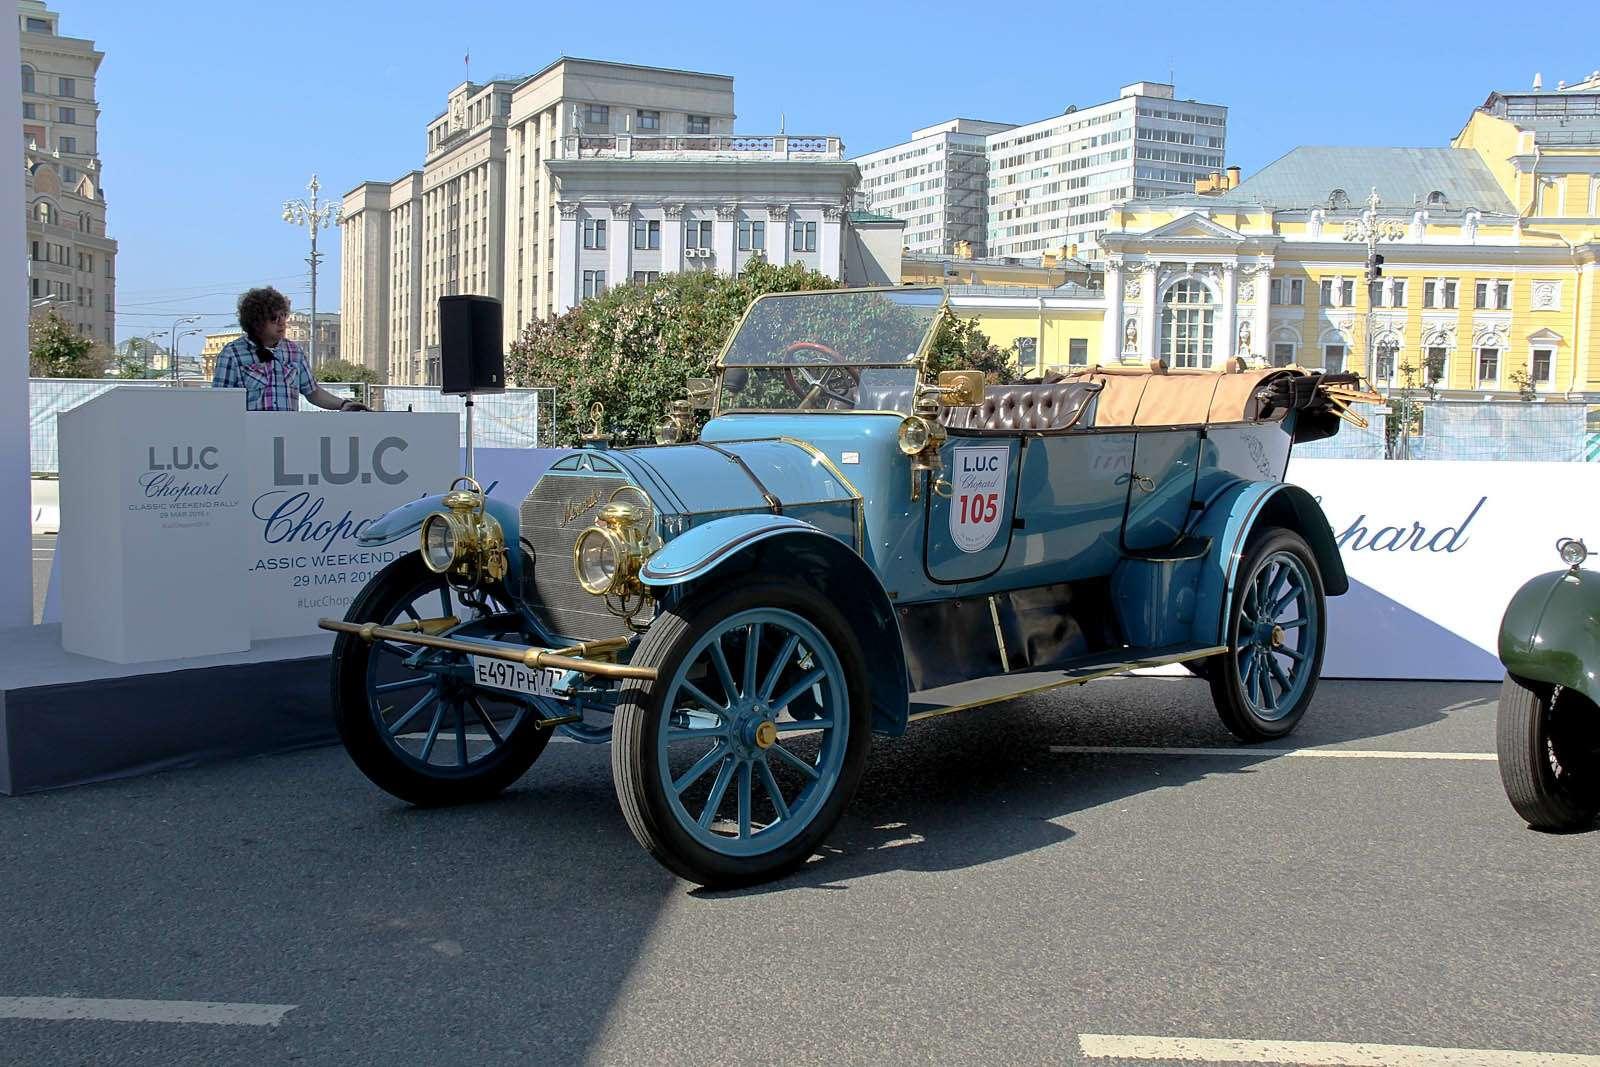 L.U.C Chopard Classic Weekend Rally: эмоции сналетом старины— фото 595971